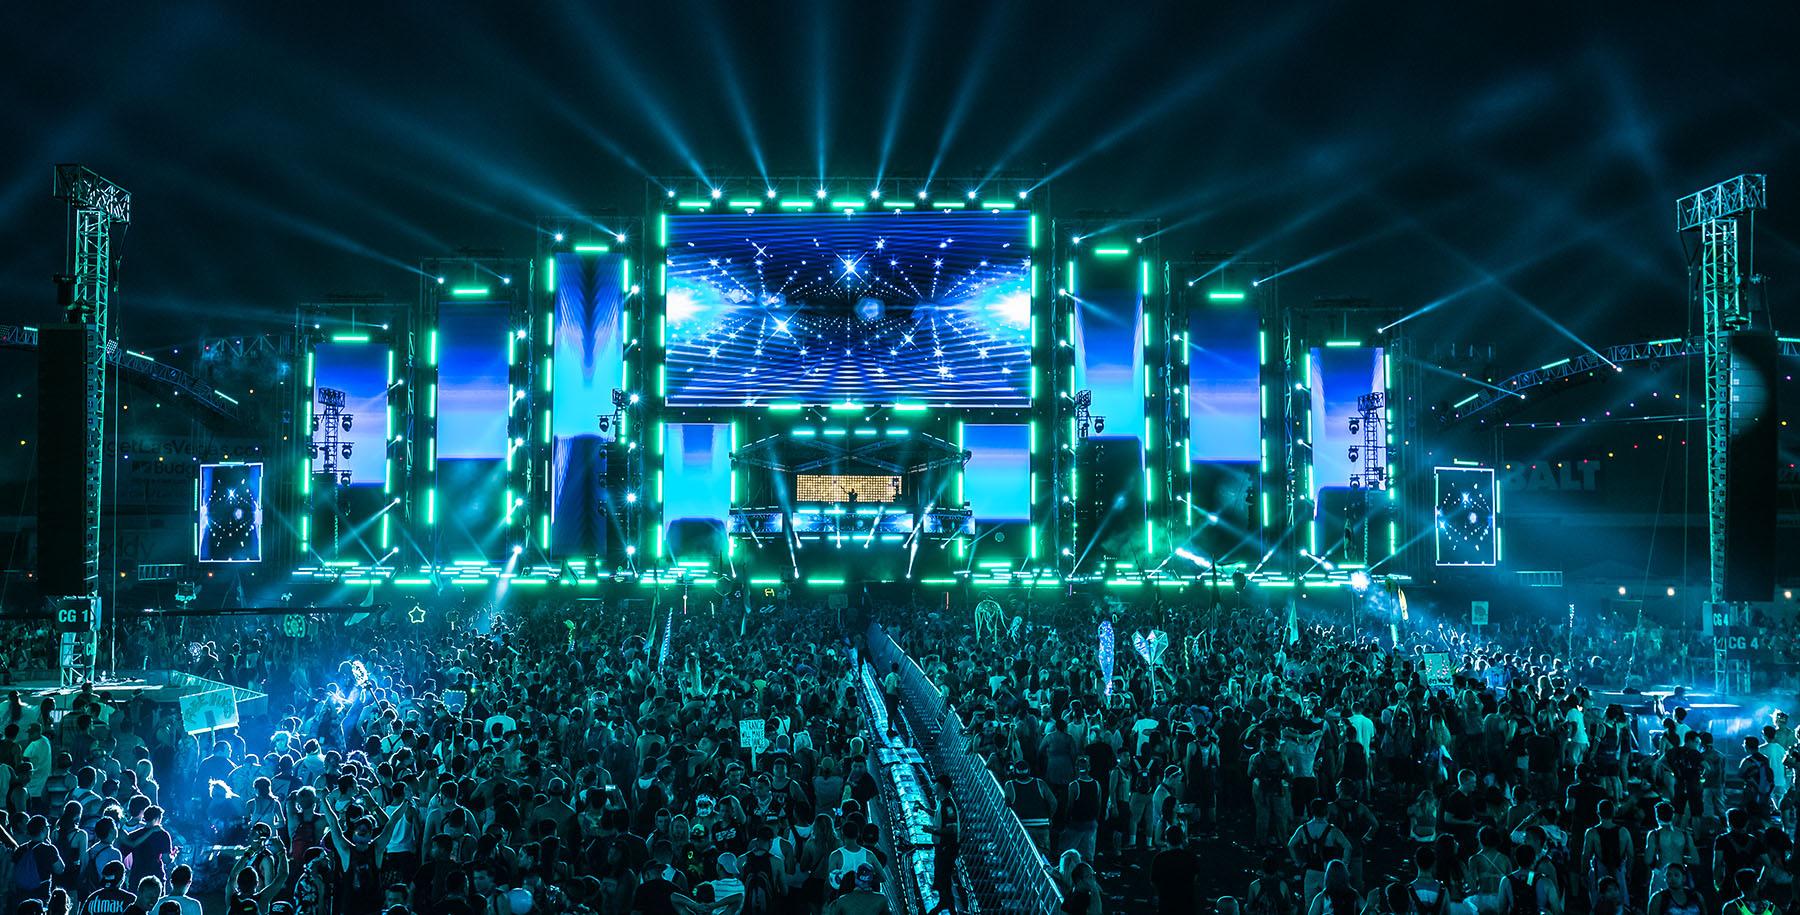 Robe EDC Las Vegas 2016 CircuitGROUNDS 0156  Techie Talk